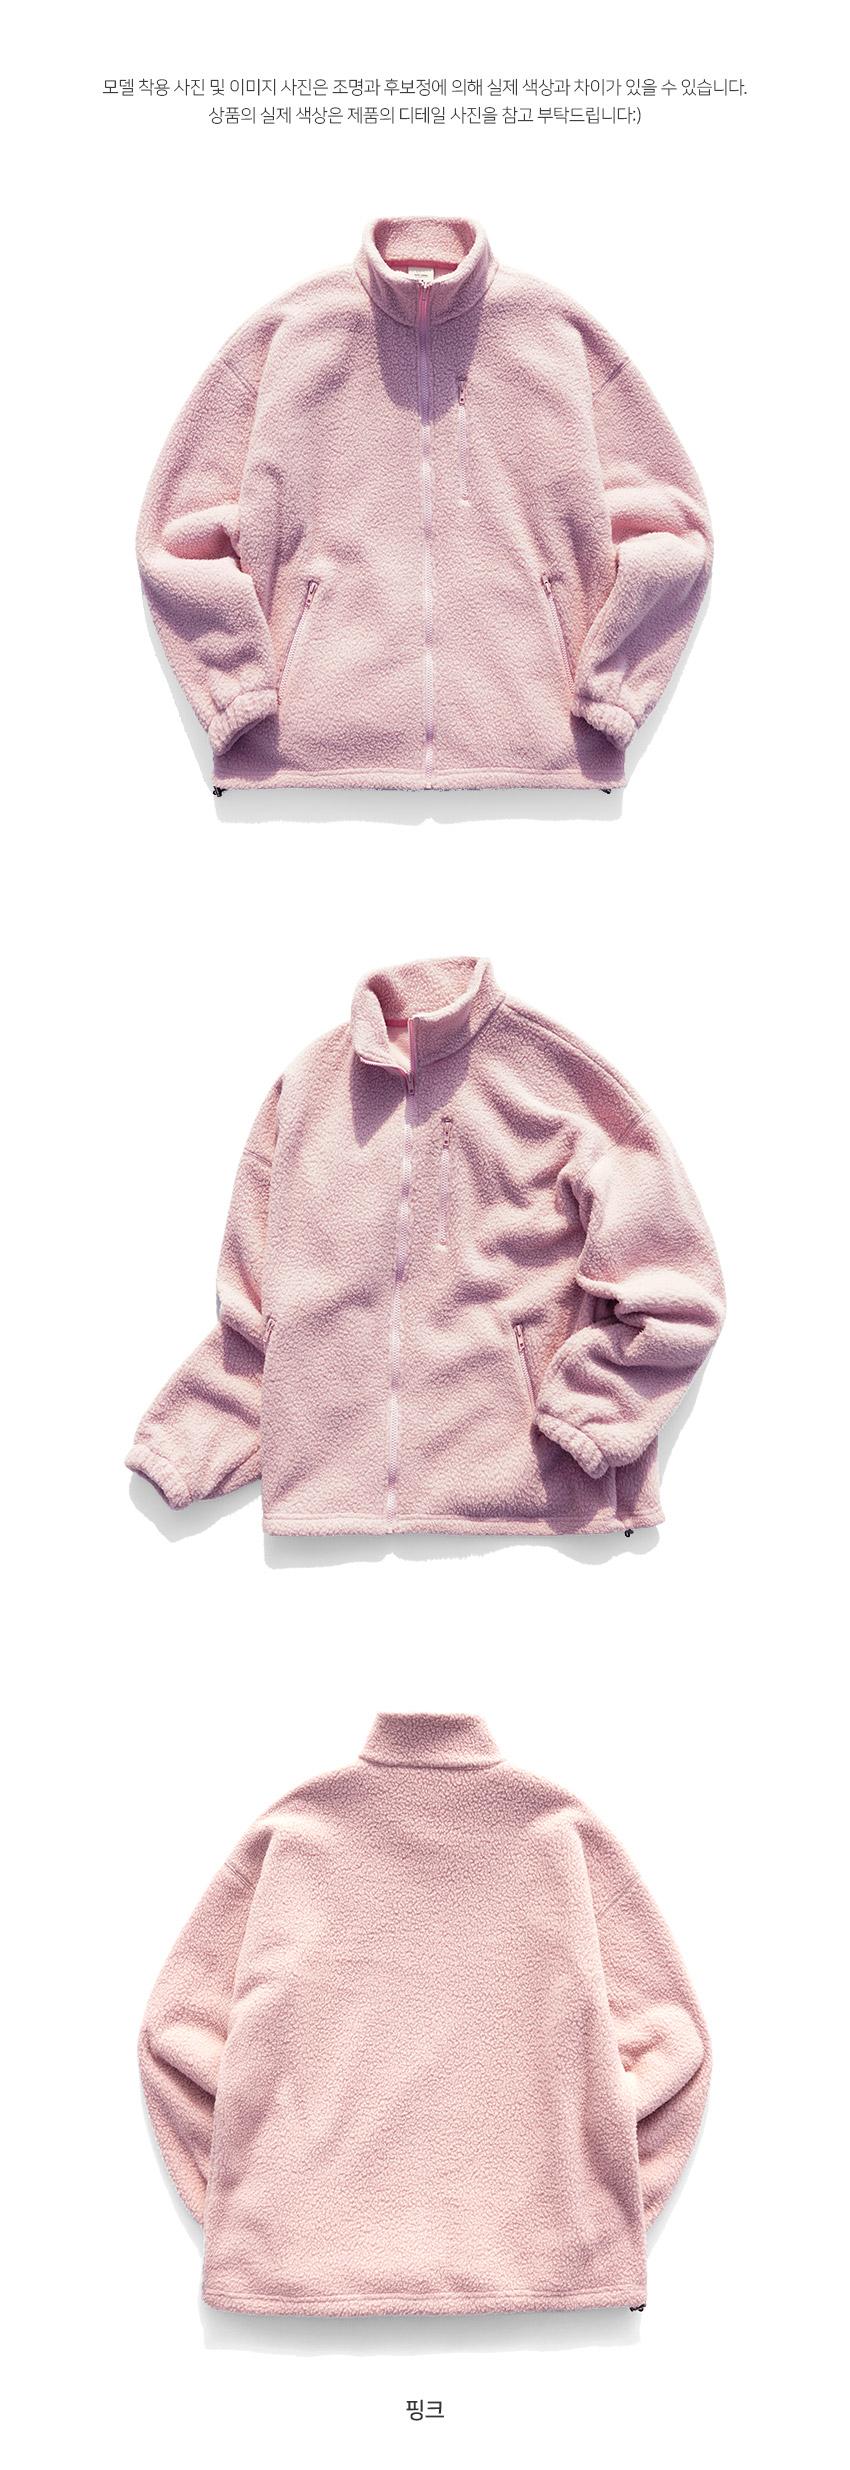 6_KHOT1229_detail_pink1.jpg